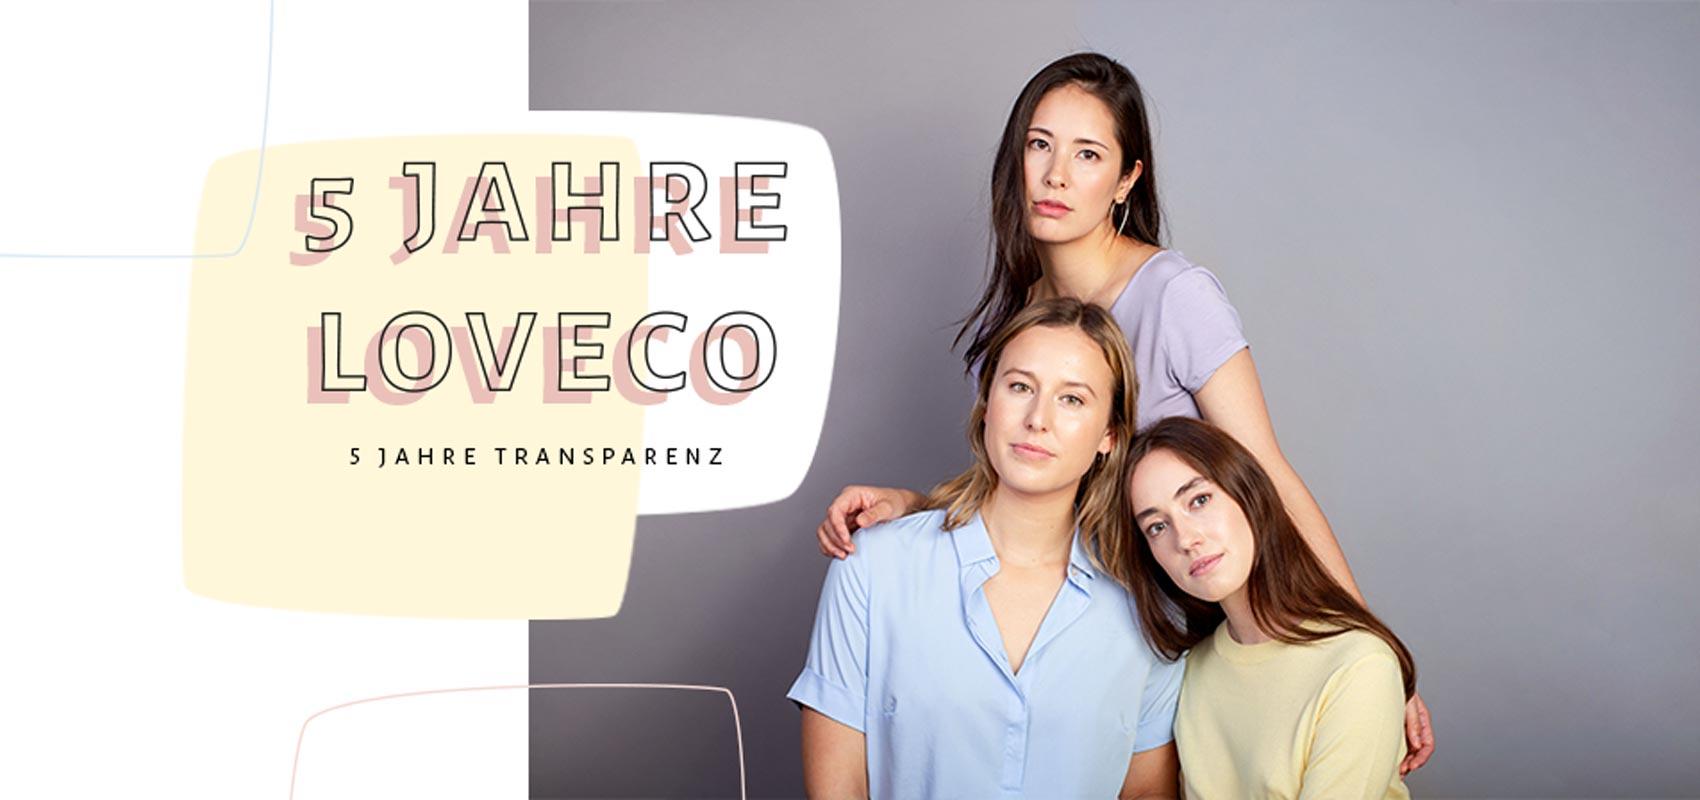 Drei Frauen tragen ökologische Mode